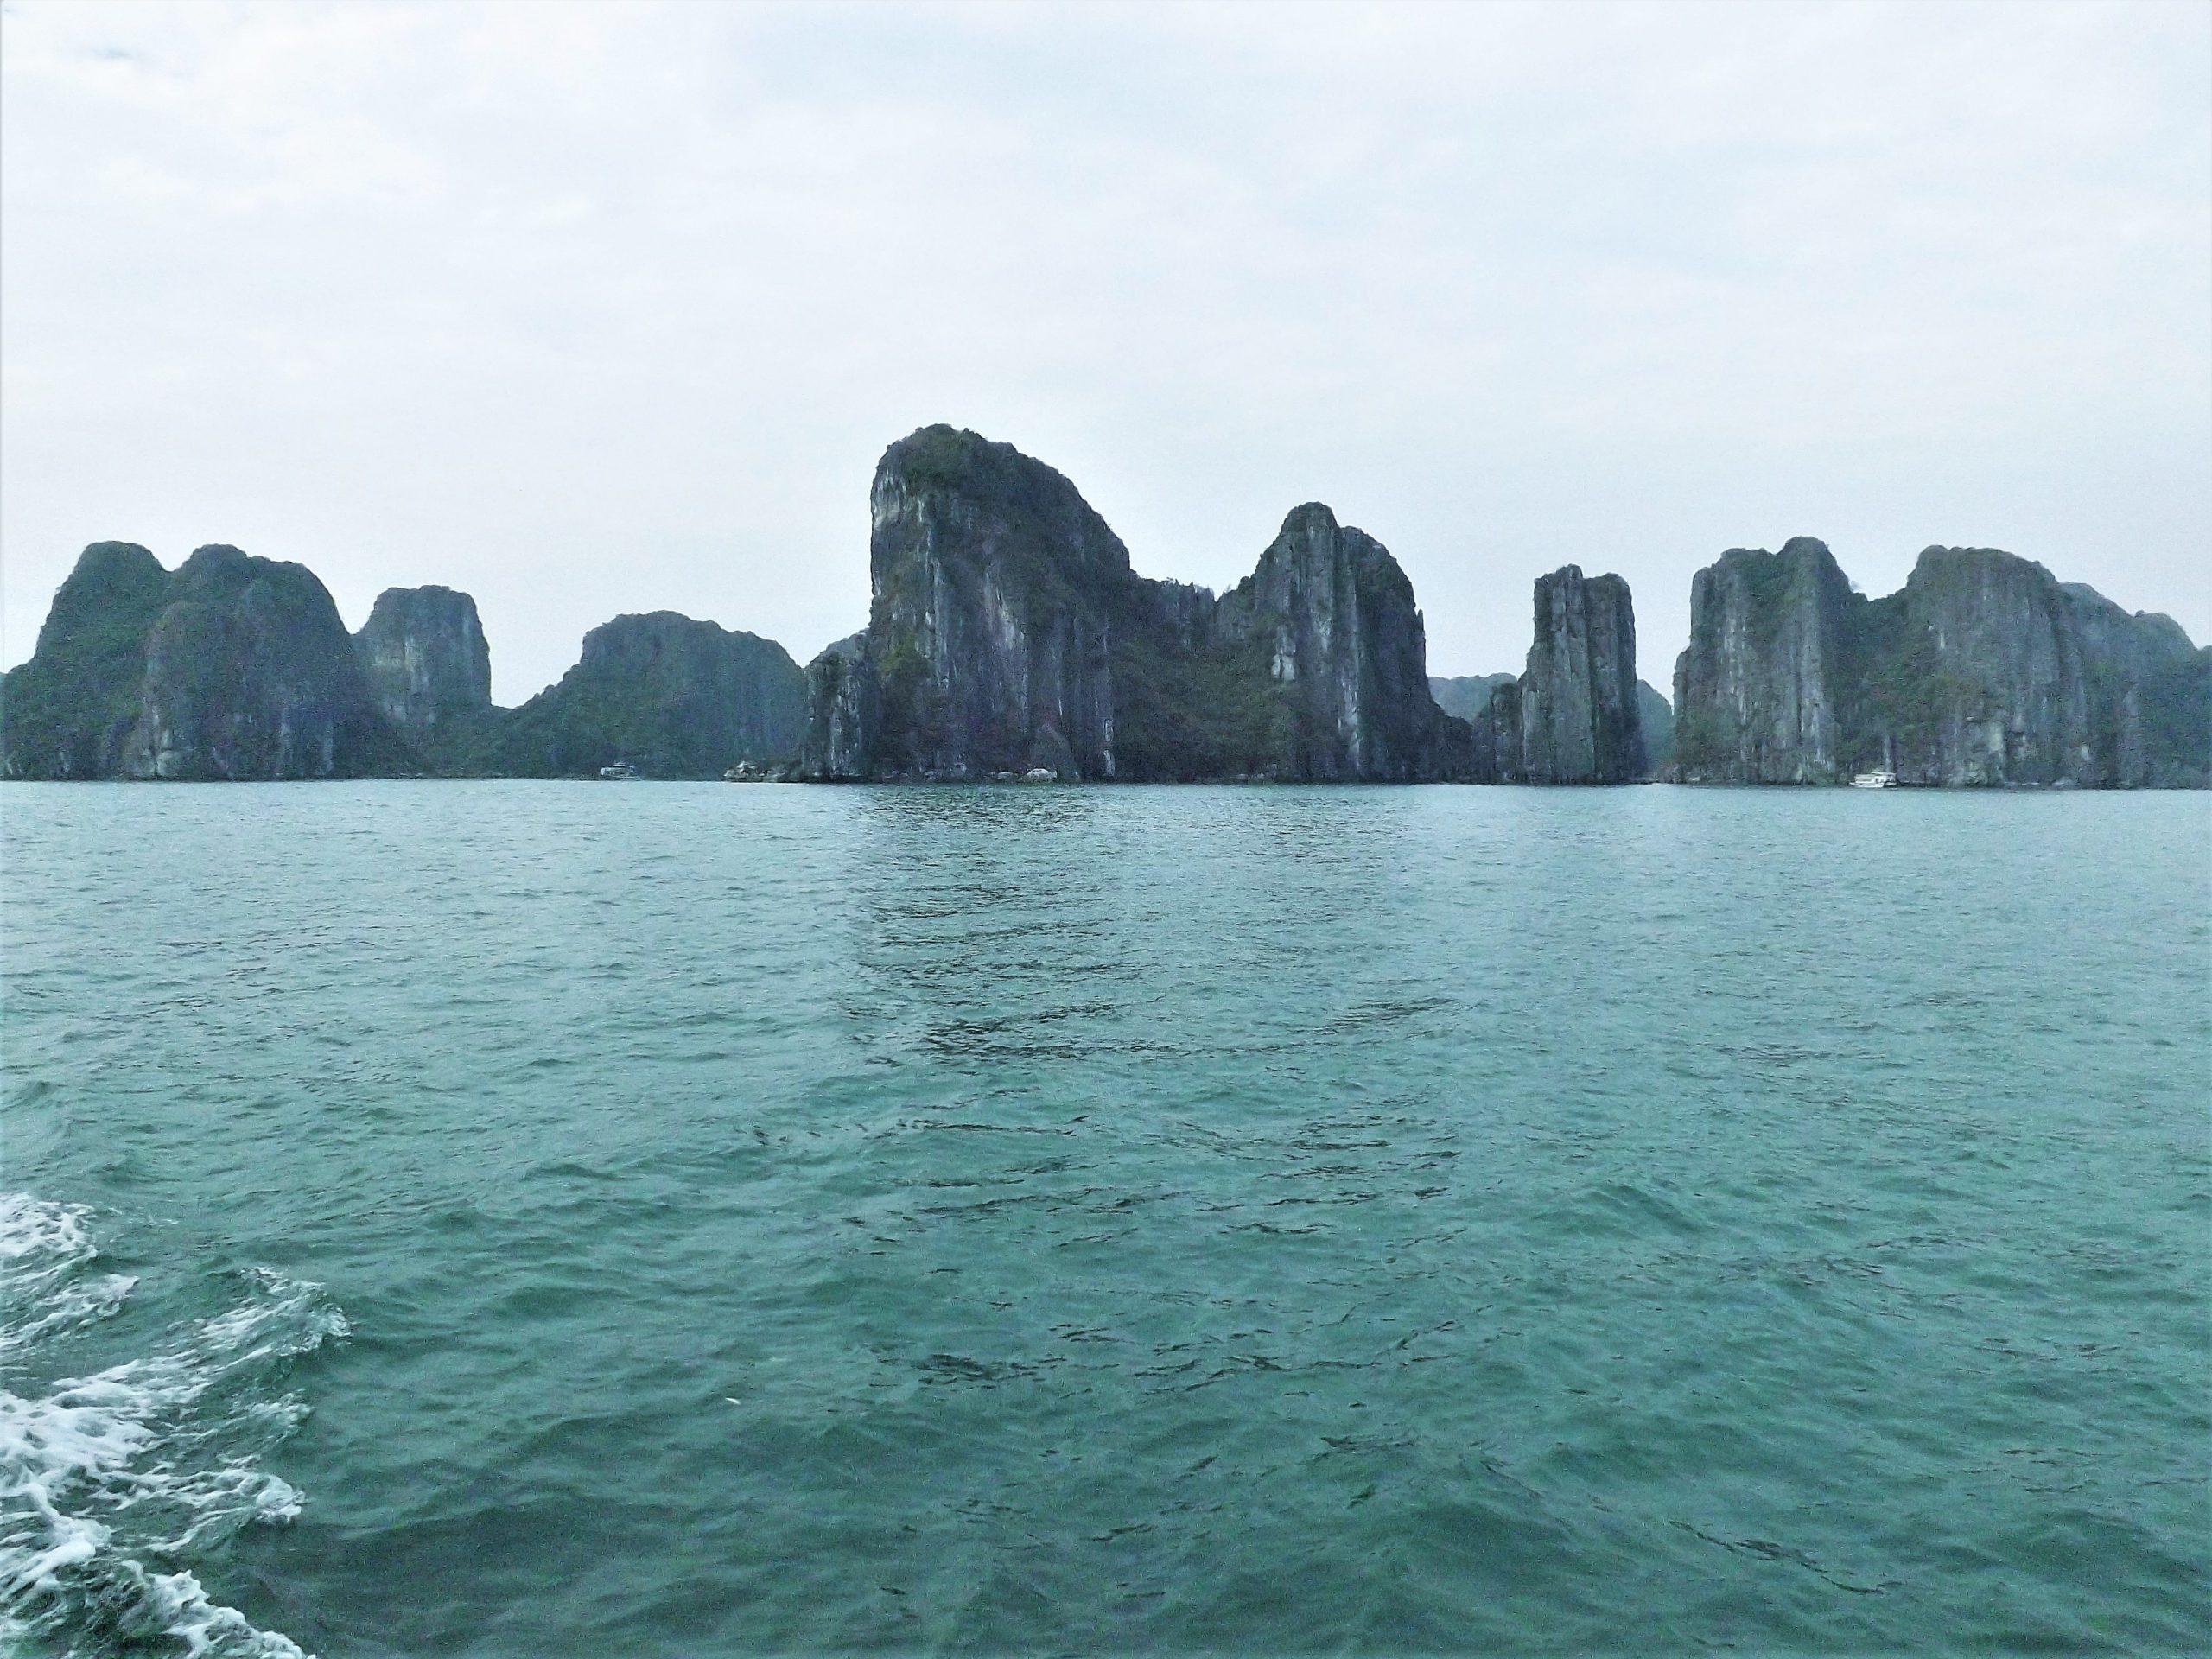 Halong Bay | Hanoi Vietnam | Southeast Asia Itinerary